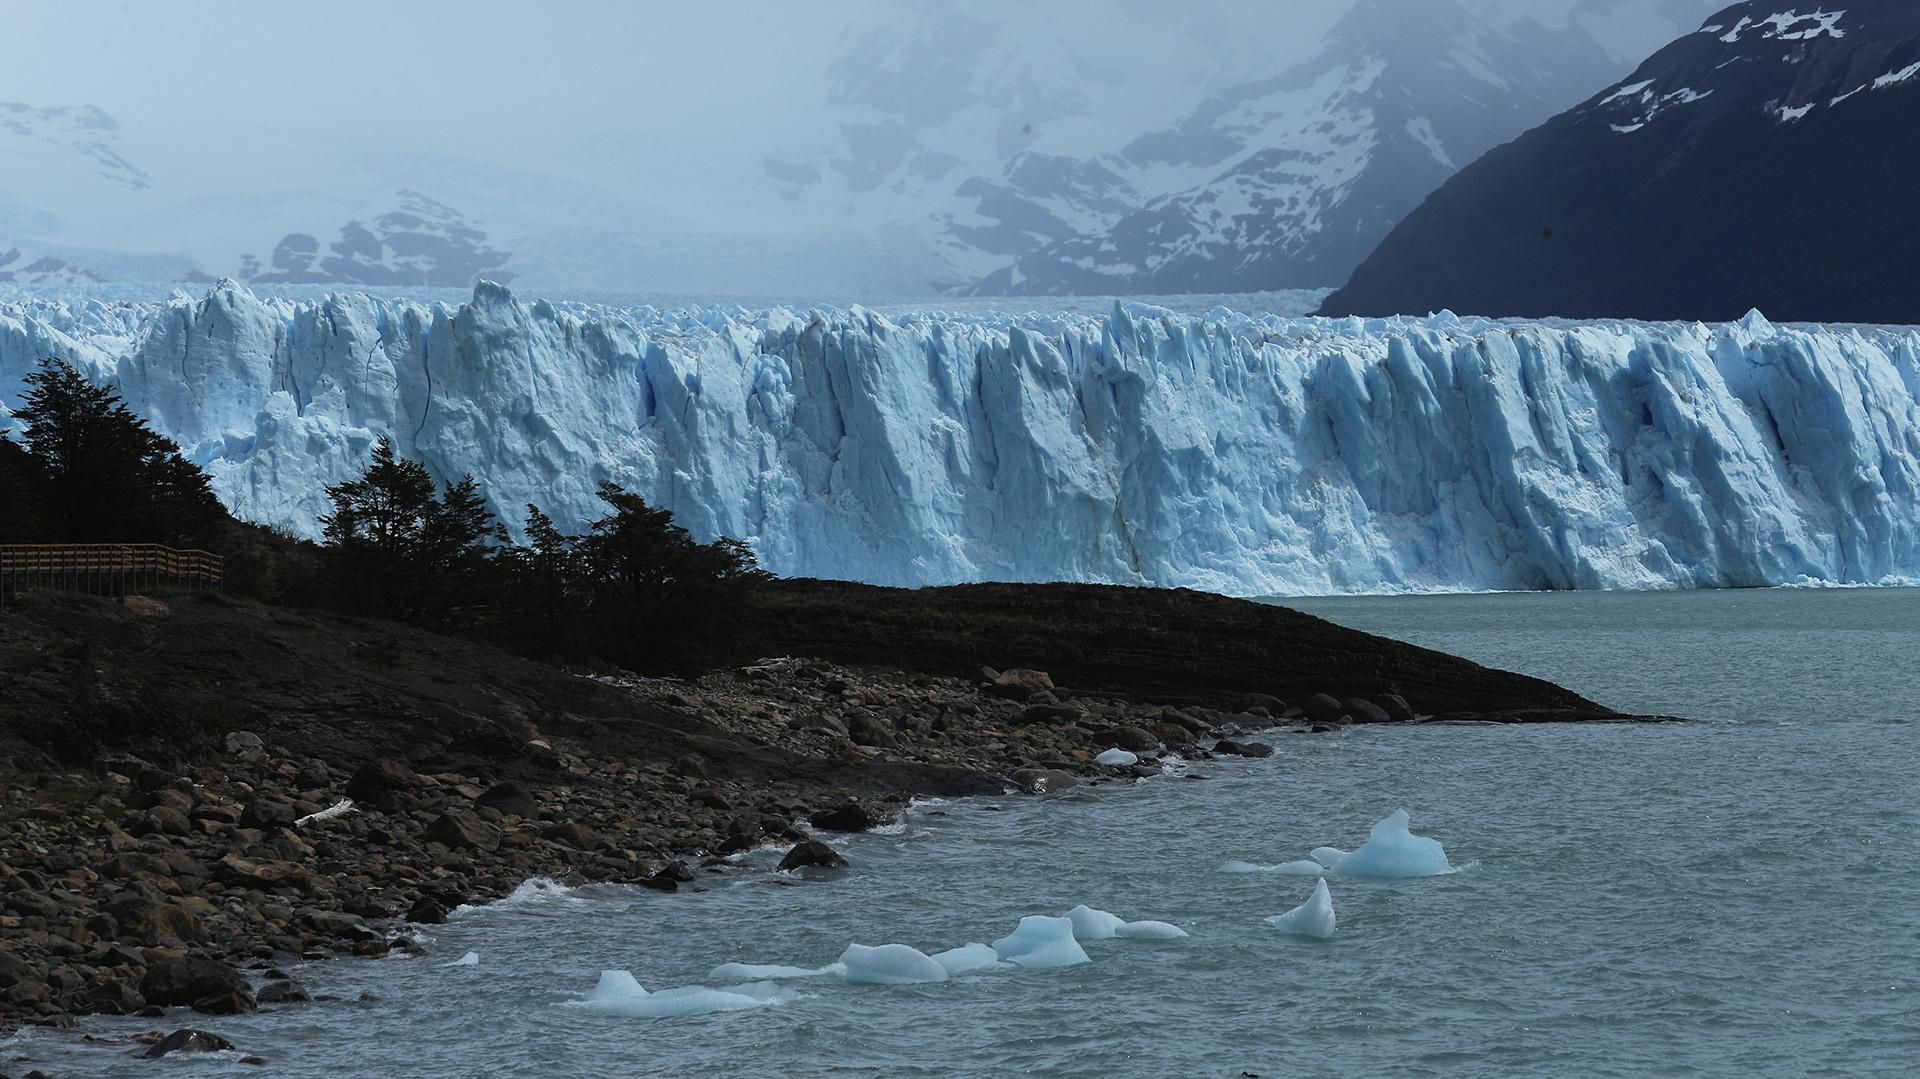 Su profundidad llega hasta los 140 metros. Son famosos sus desprendimientos que convocan a miles de turistas cada vez que ocurren (Fotos: Getty Images)